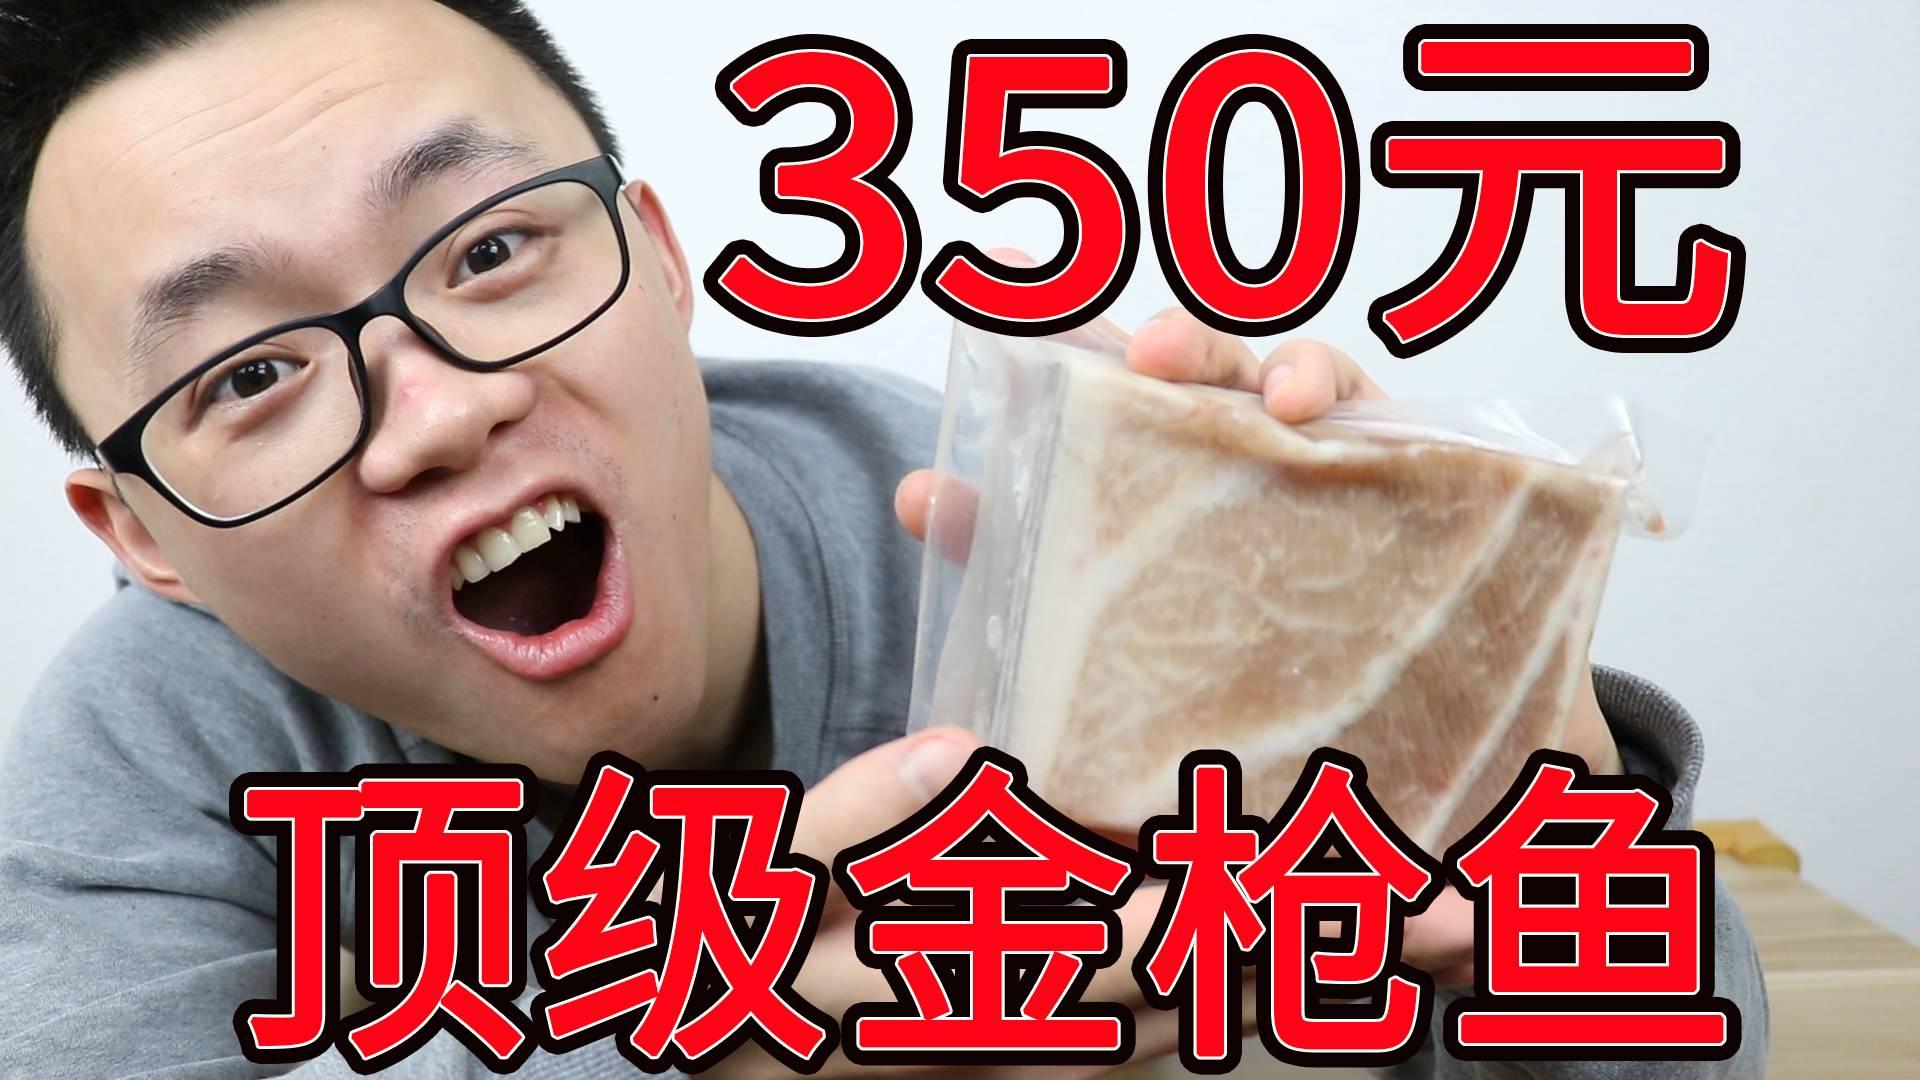 试吃350元金枪鱼,听说一整头能卖到1000万,味道多好吃?